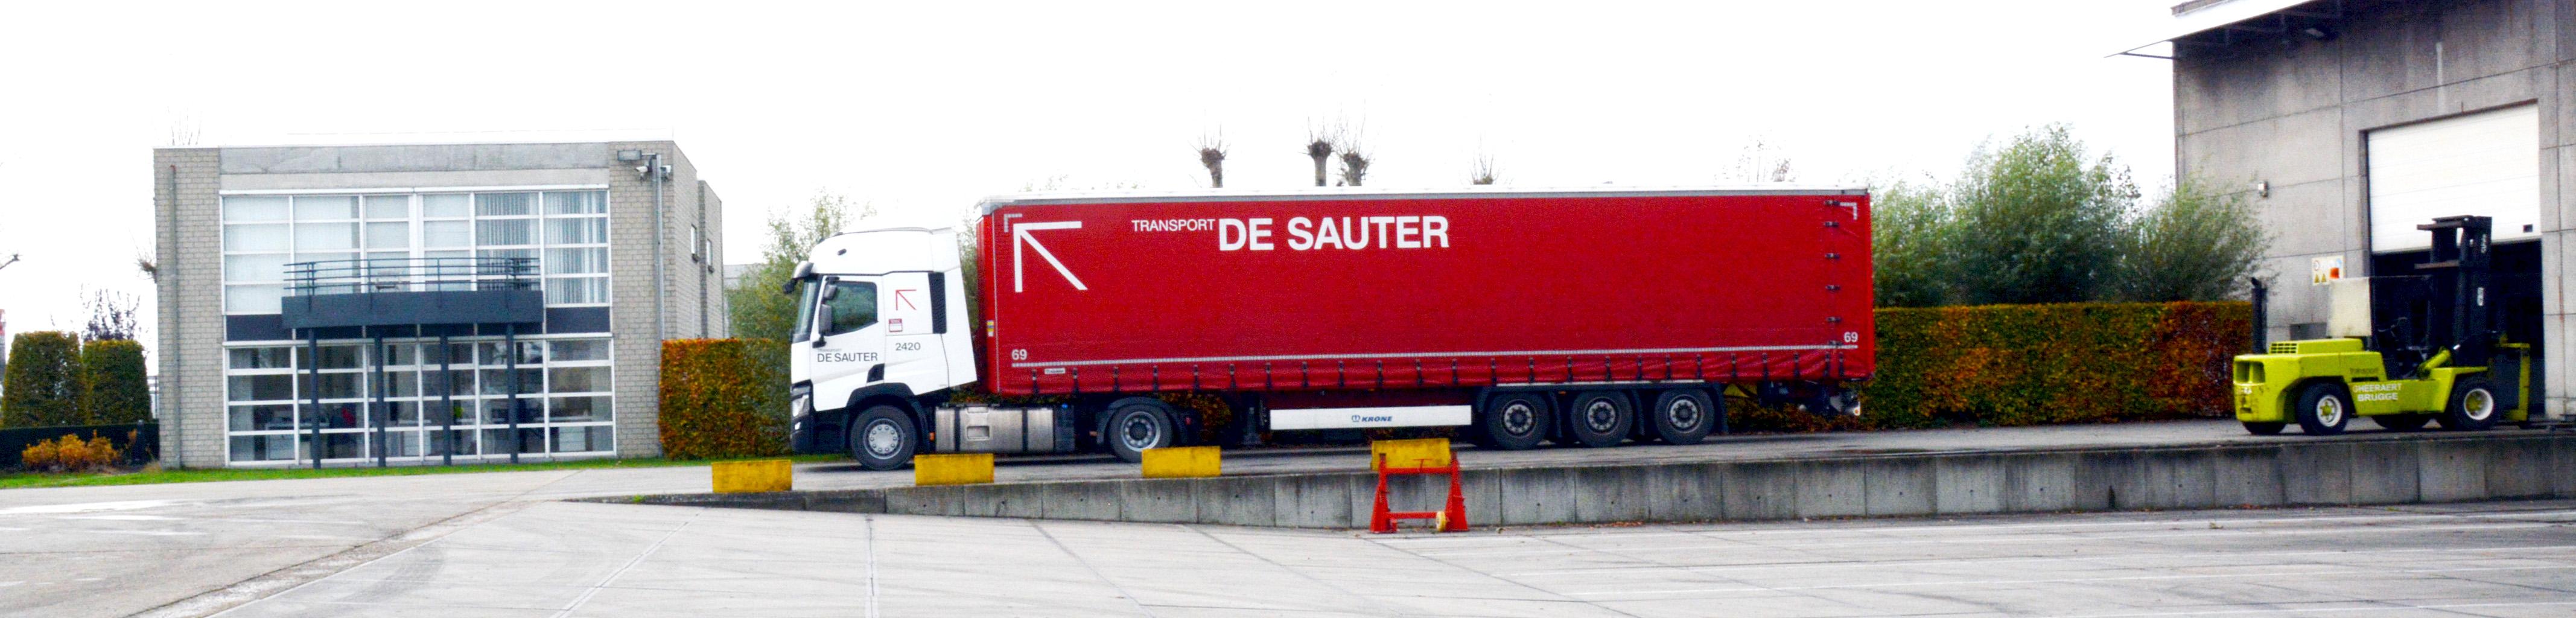 Over-De-Sauter